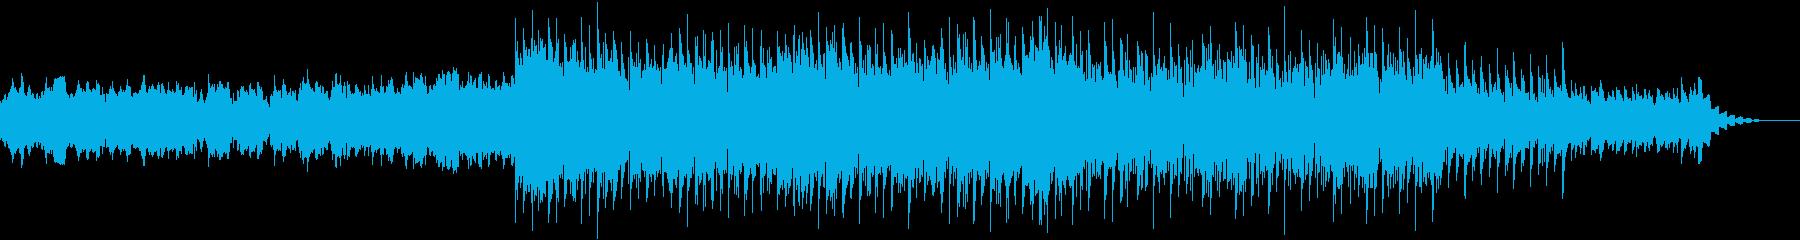 シンセとピアノによる、ニュースぽい曲の再生済みの波形